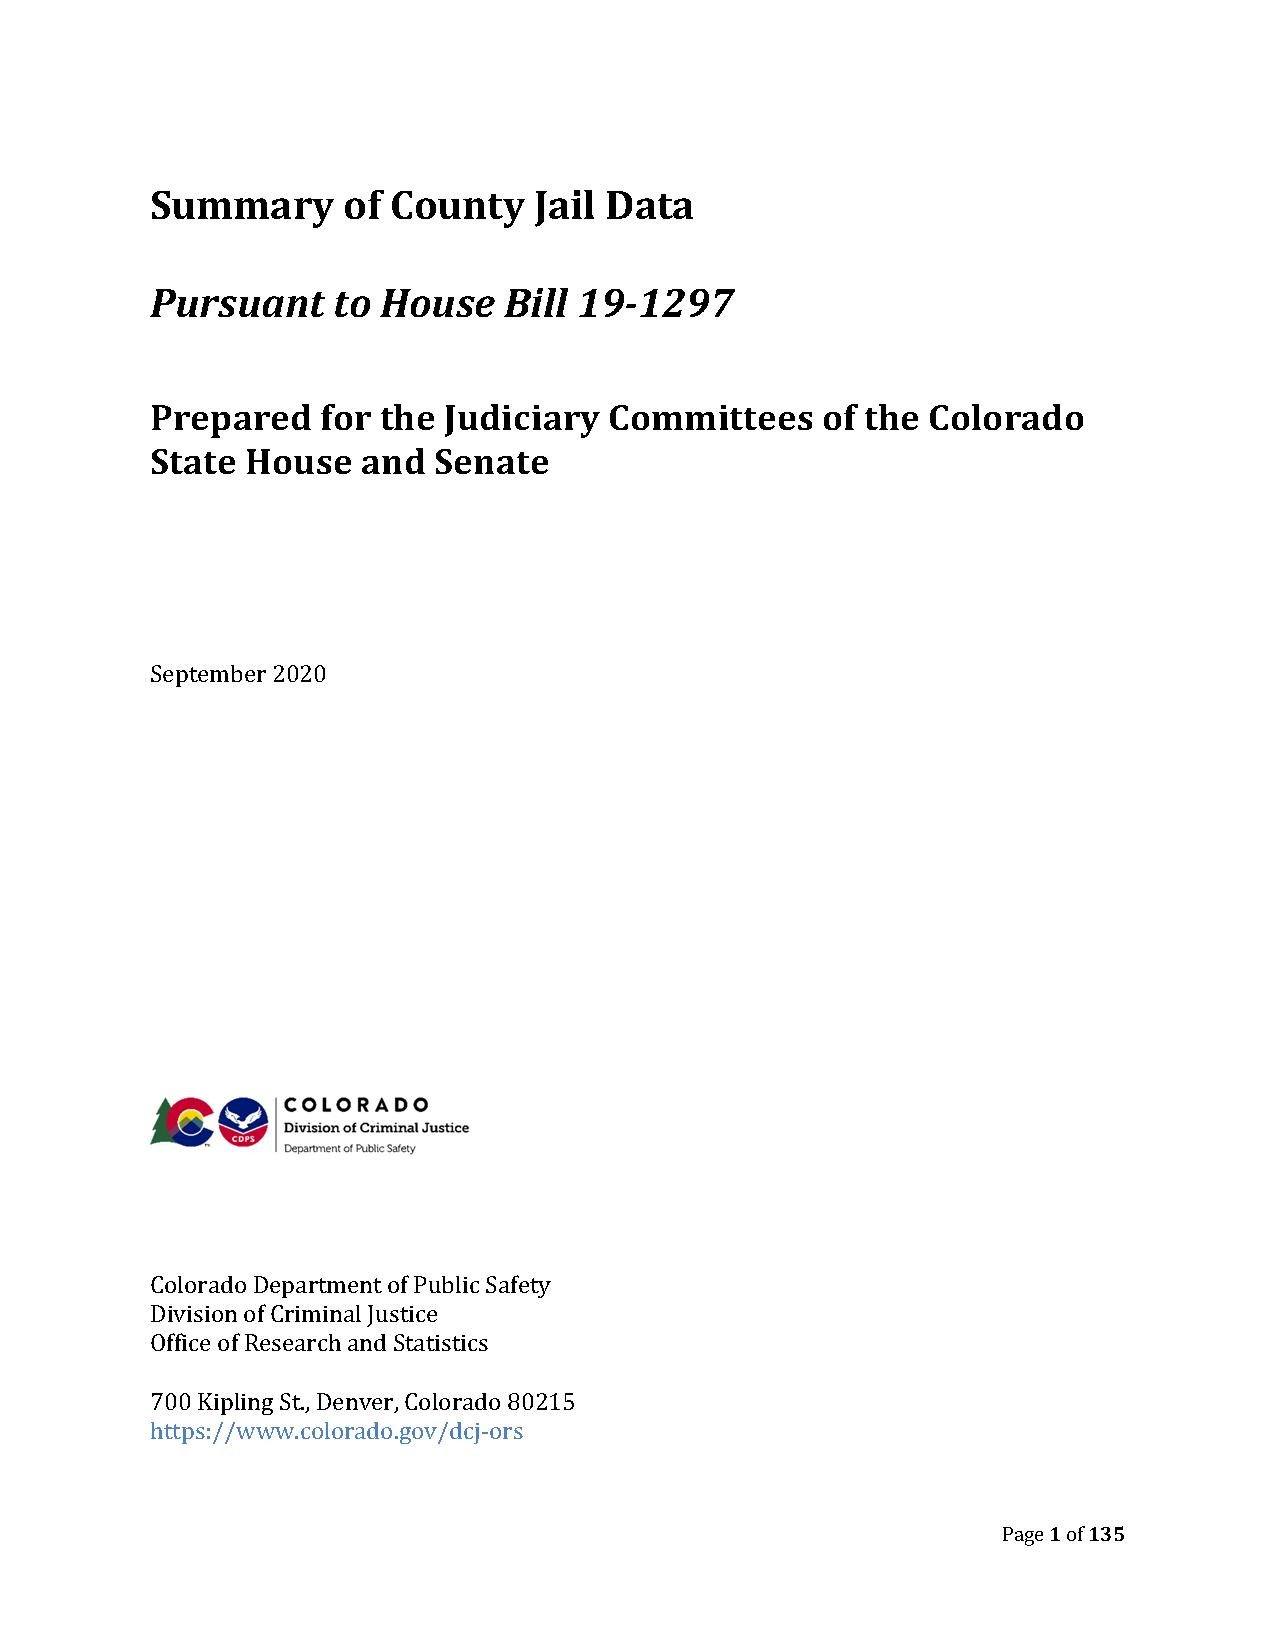 Summary of County Jail Data (September 2020)